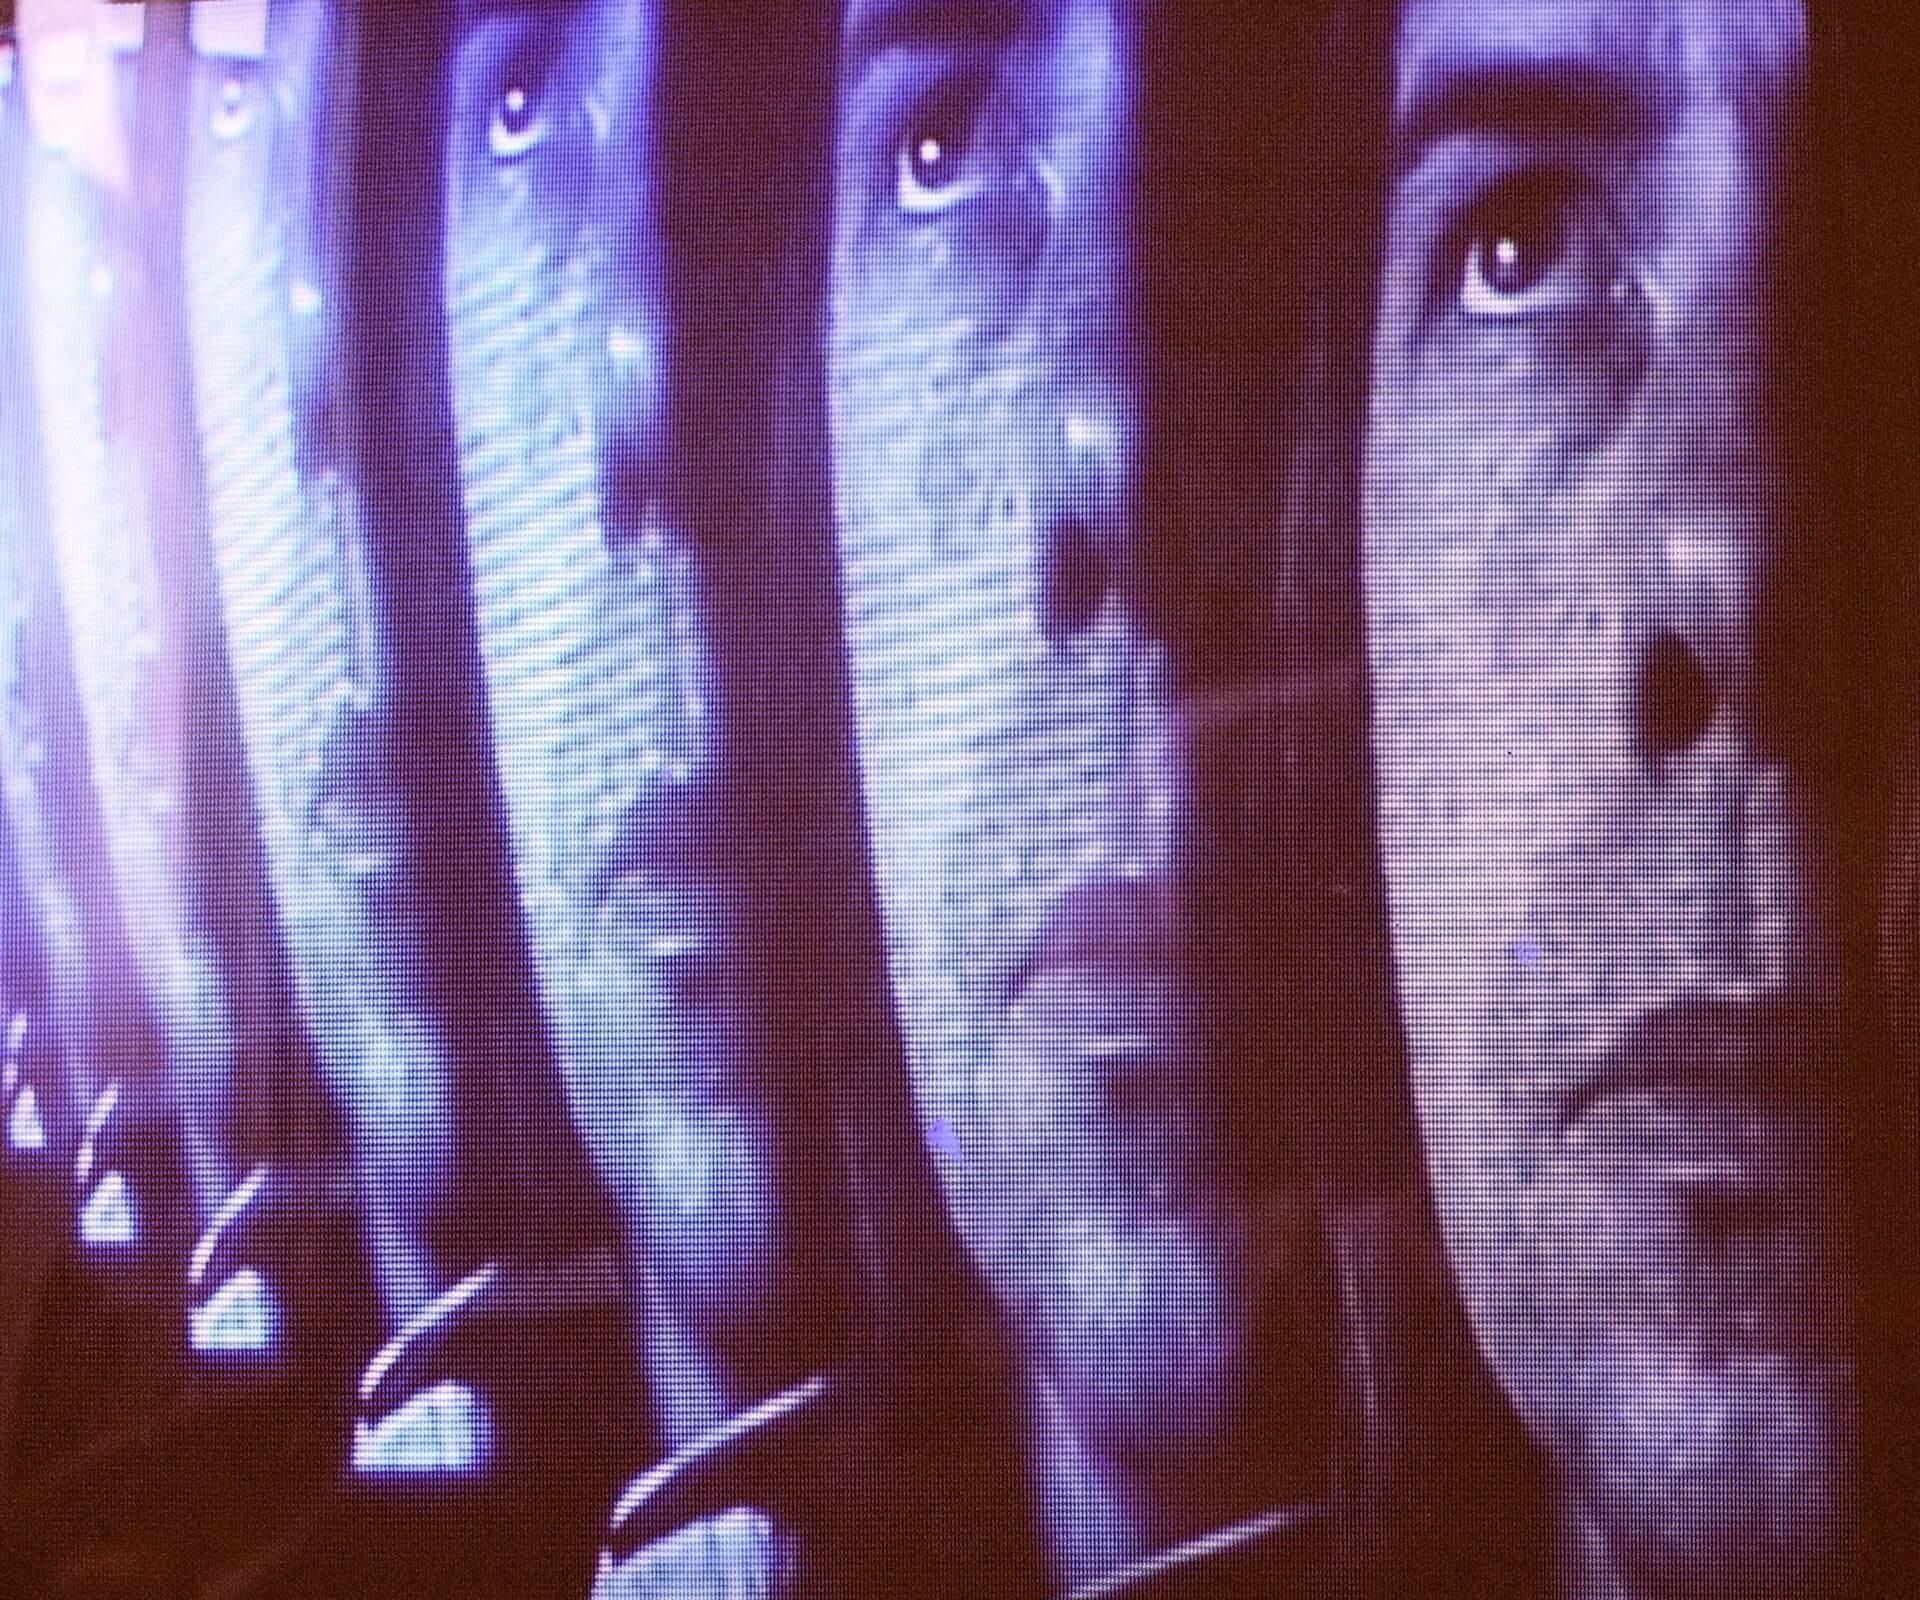 The Go! TeamのリーダーIan Partonが最新アルバム『Get Up Sequences Part One』を語る 制作背景やシューゲイザーR&B的音楽観について music210825_the_go_team_3